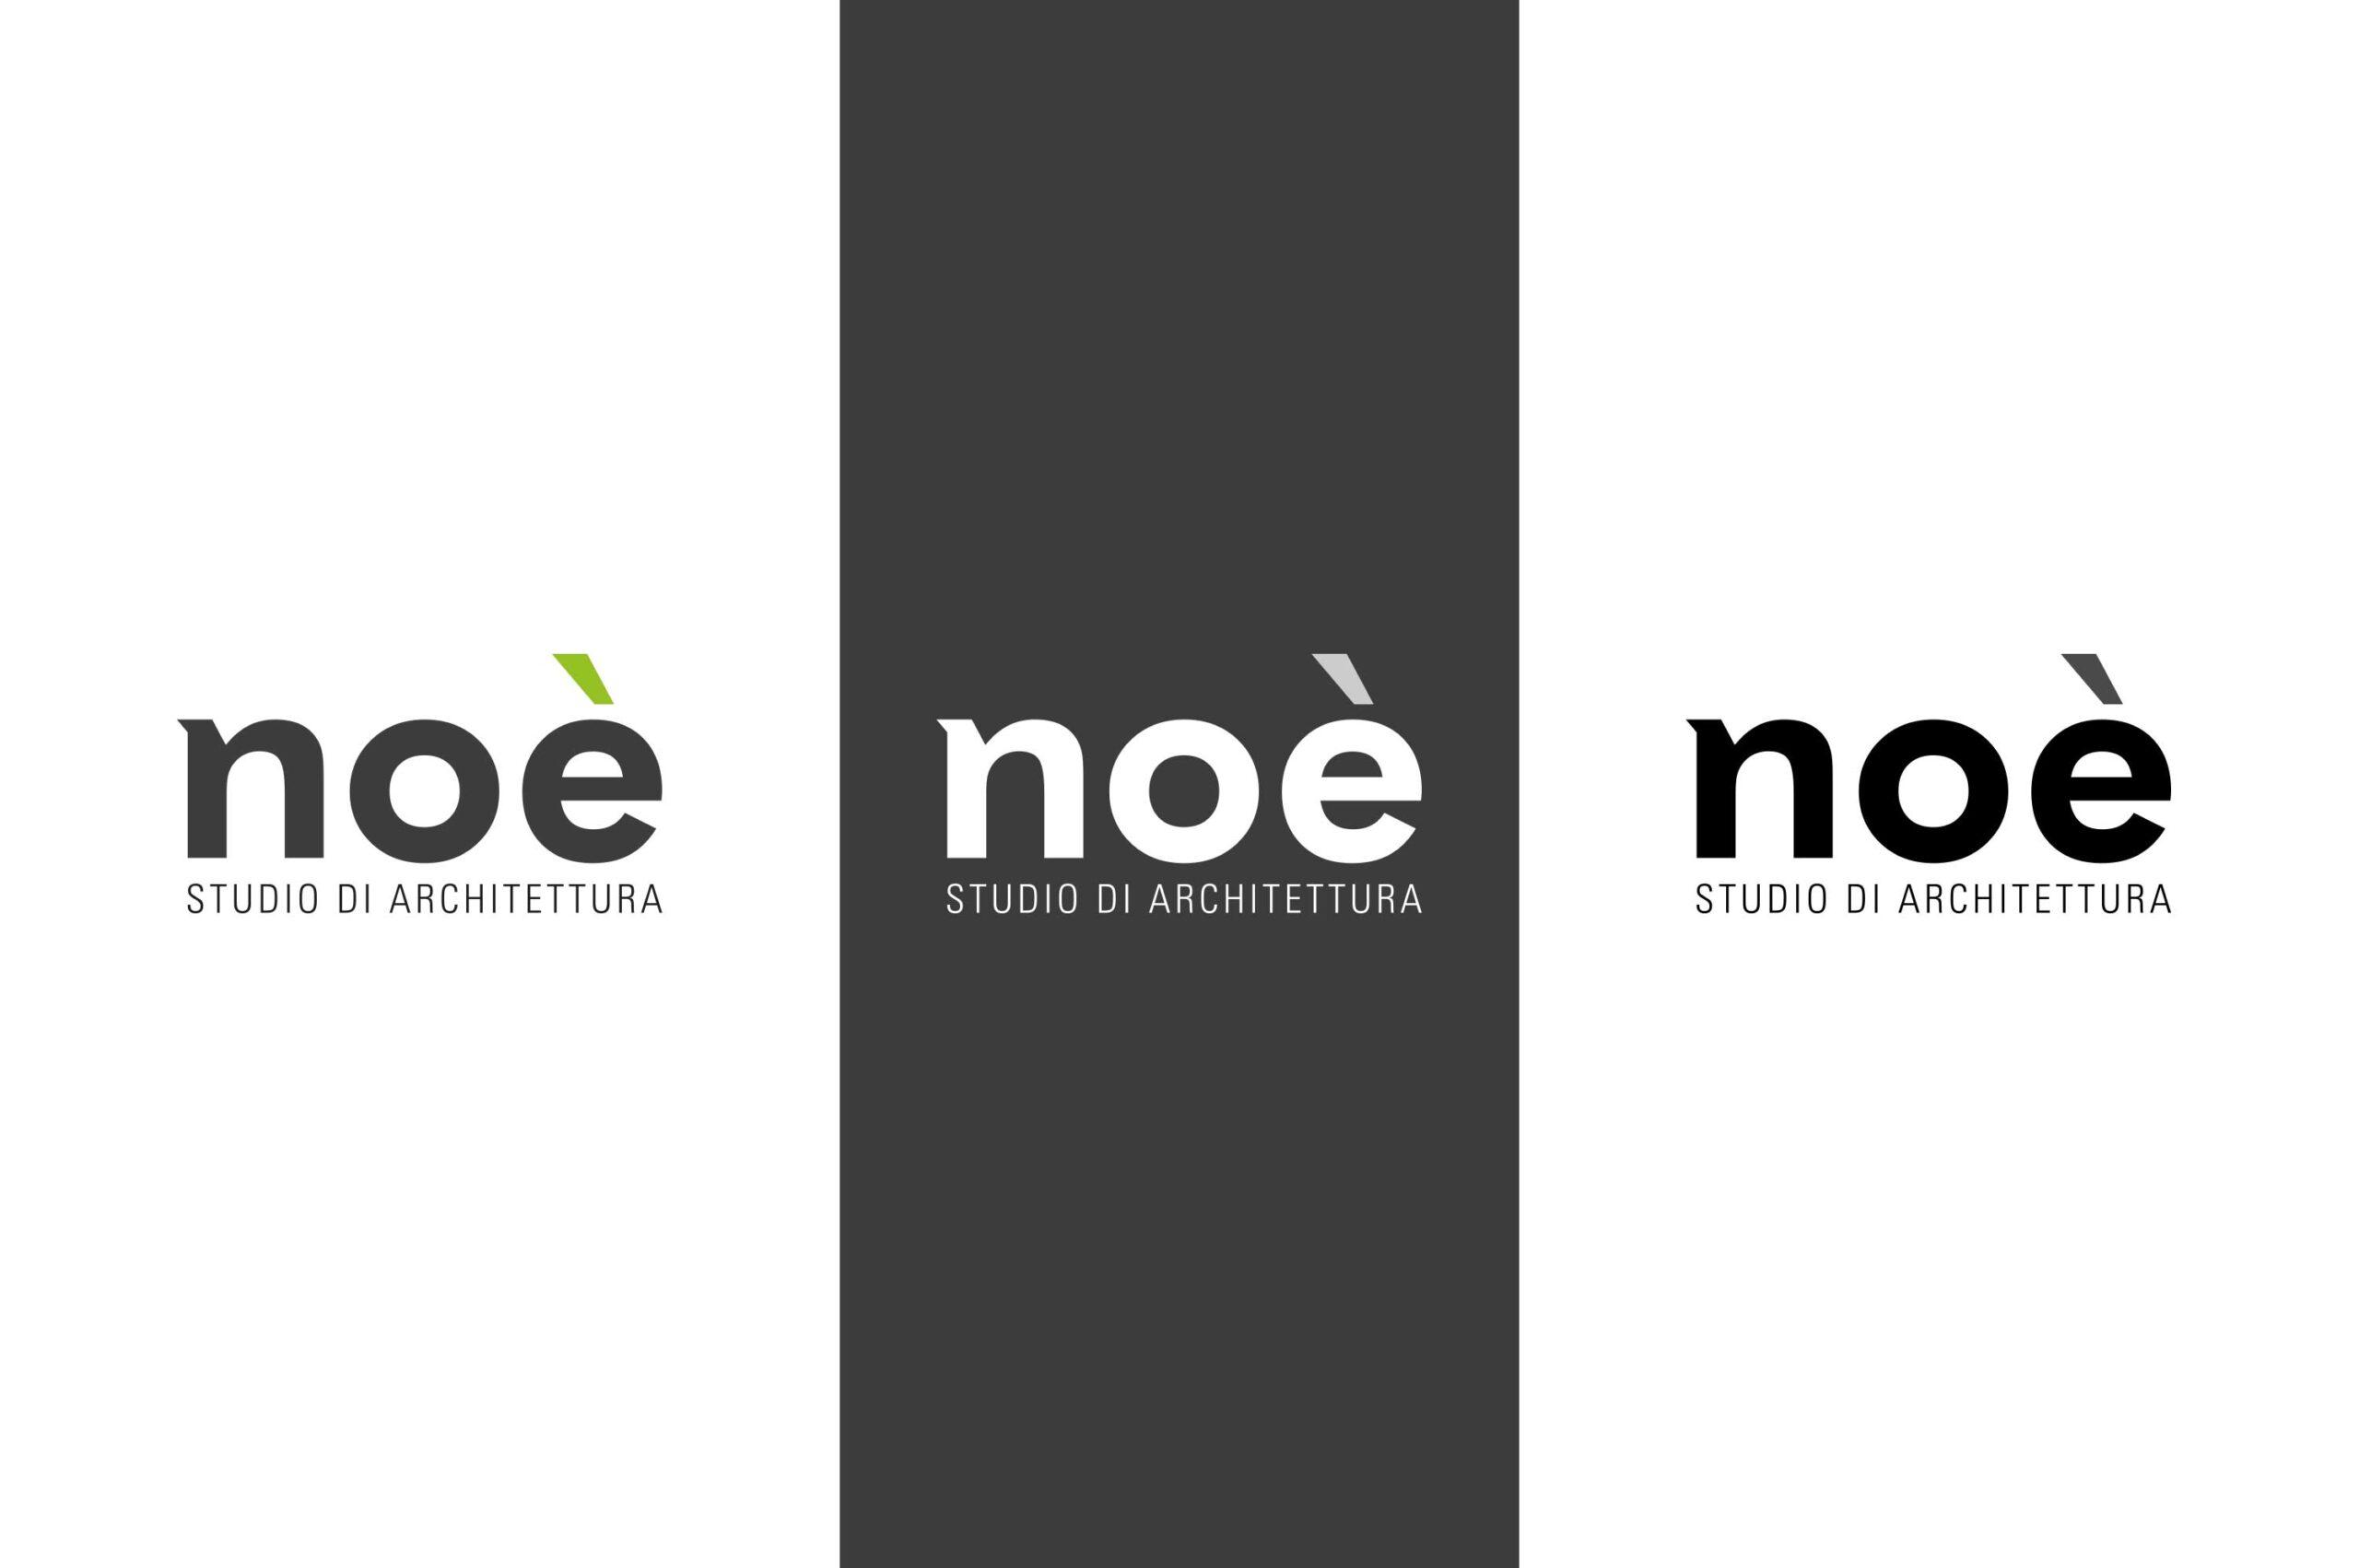 MADIcomunicazione_Studio-Noè_02